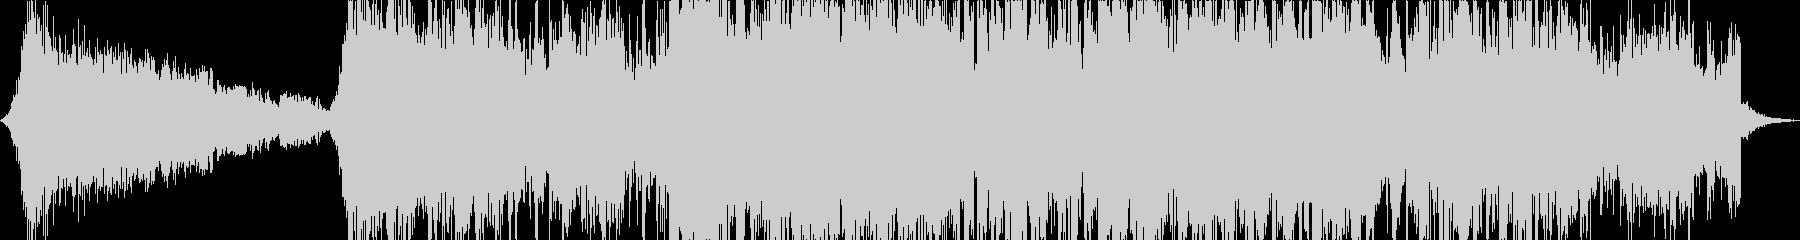 現代的 交響曲 実験的な バトル ...の未再生の波形